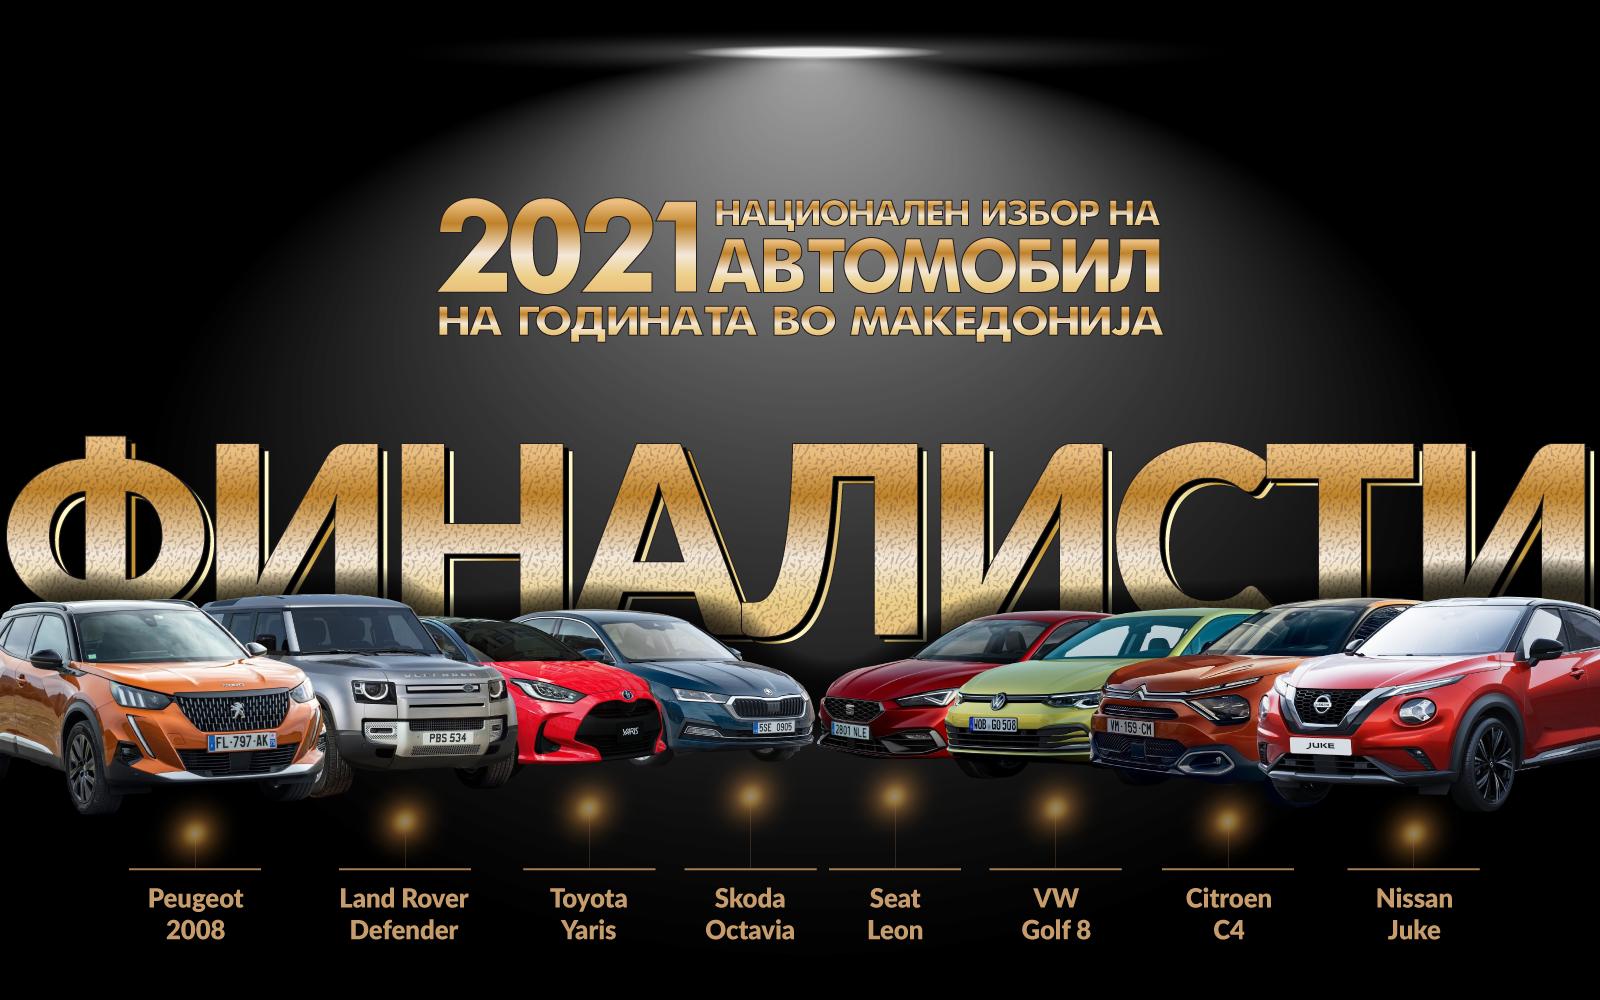 Избрани финалистите на националниот избор на автомобил на 2021 година во Македонија